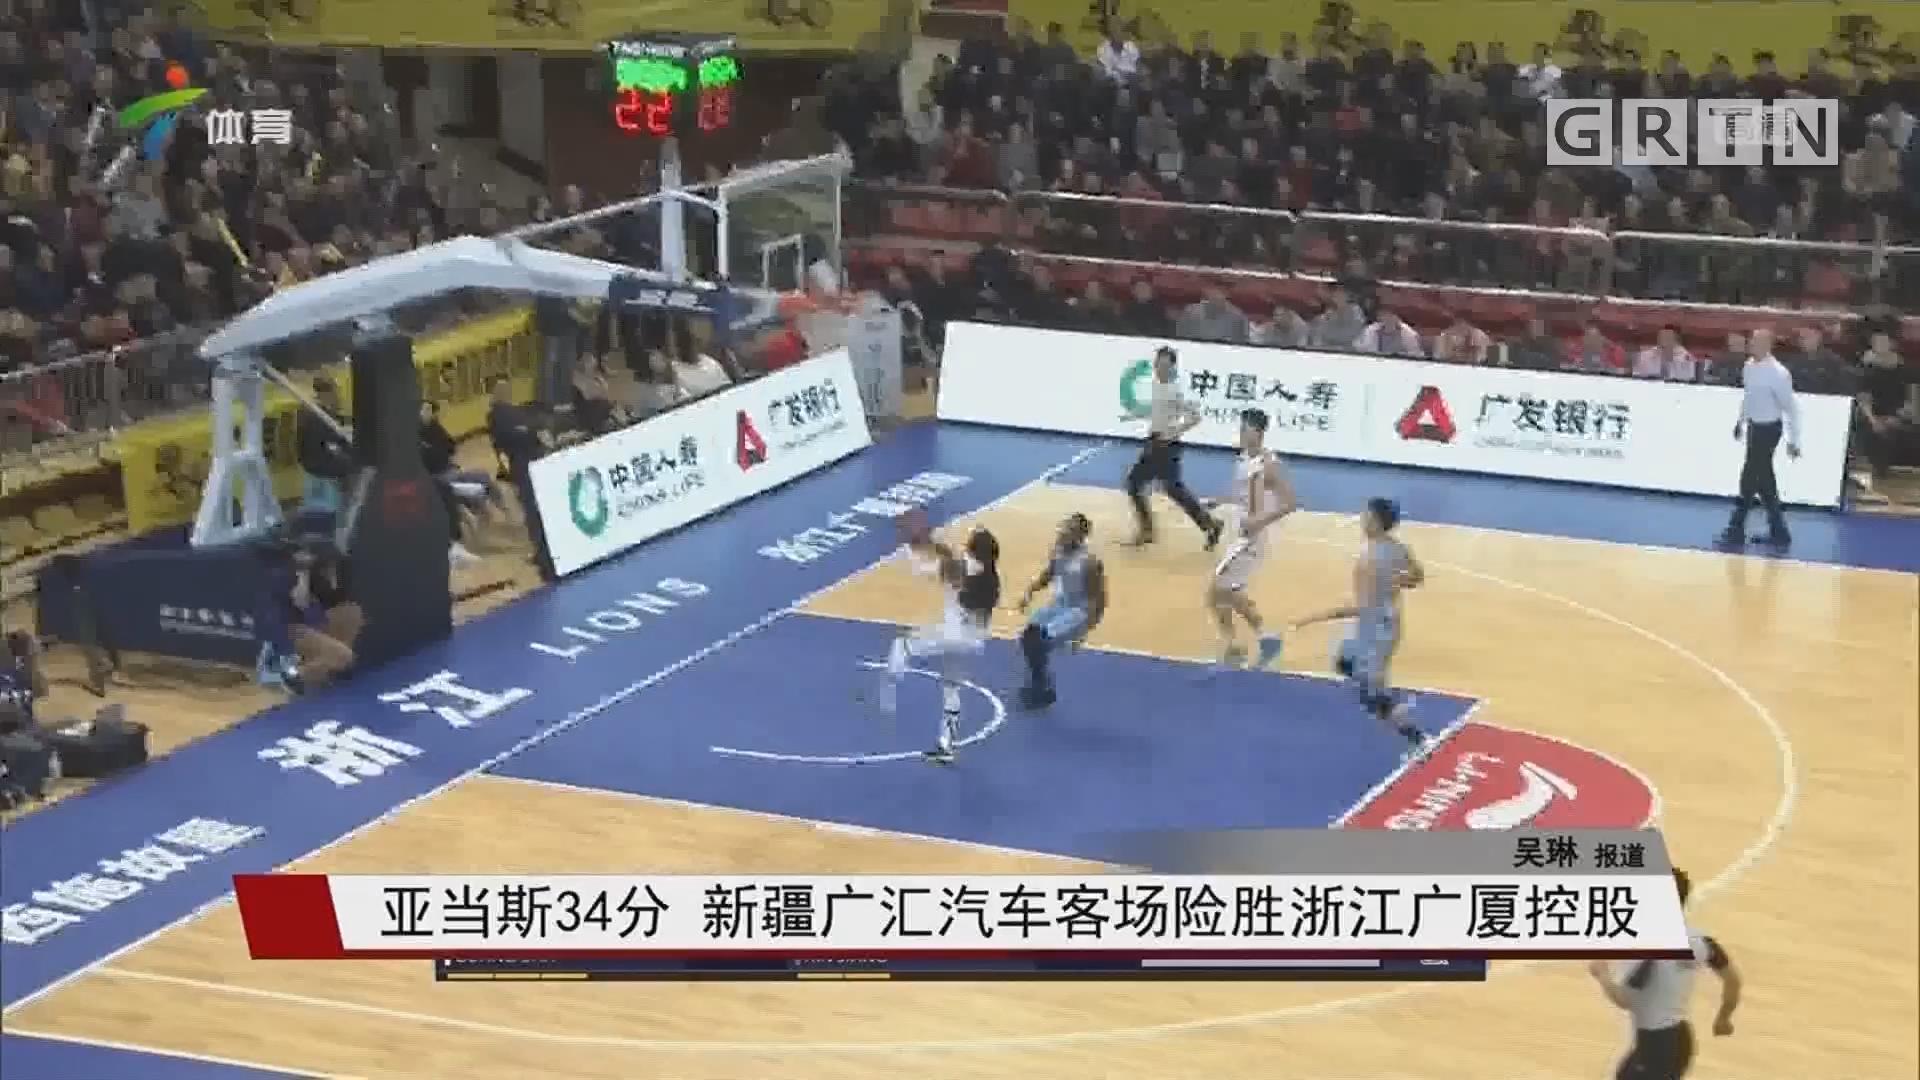 亚当斯34分 新疆广汇汽车客场险胜浙江广厦控股